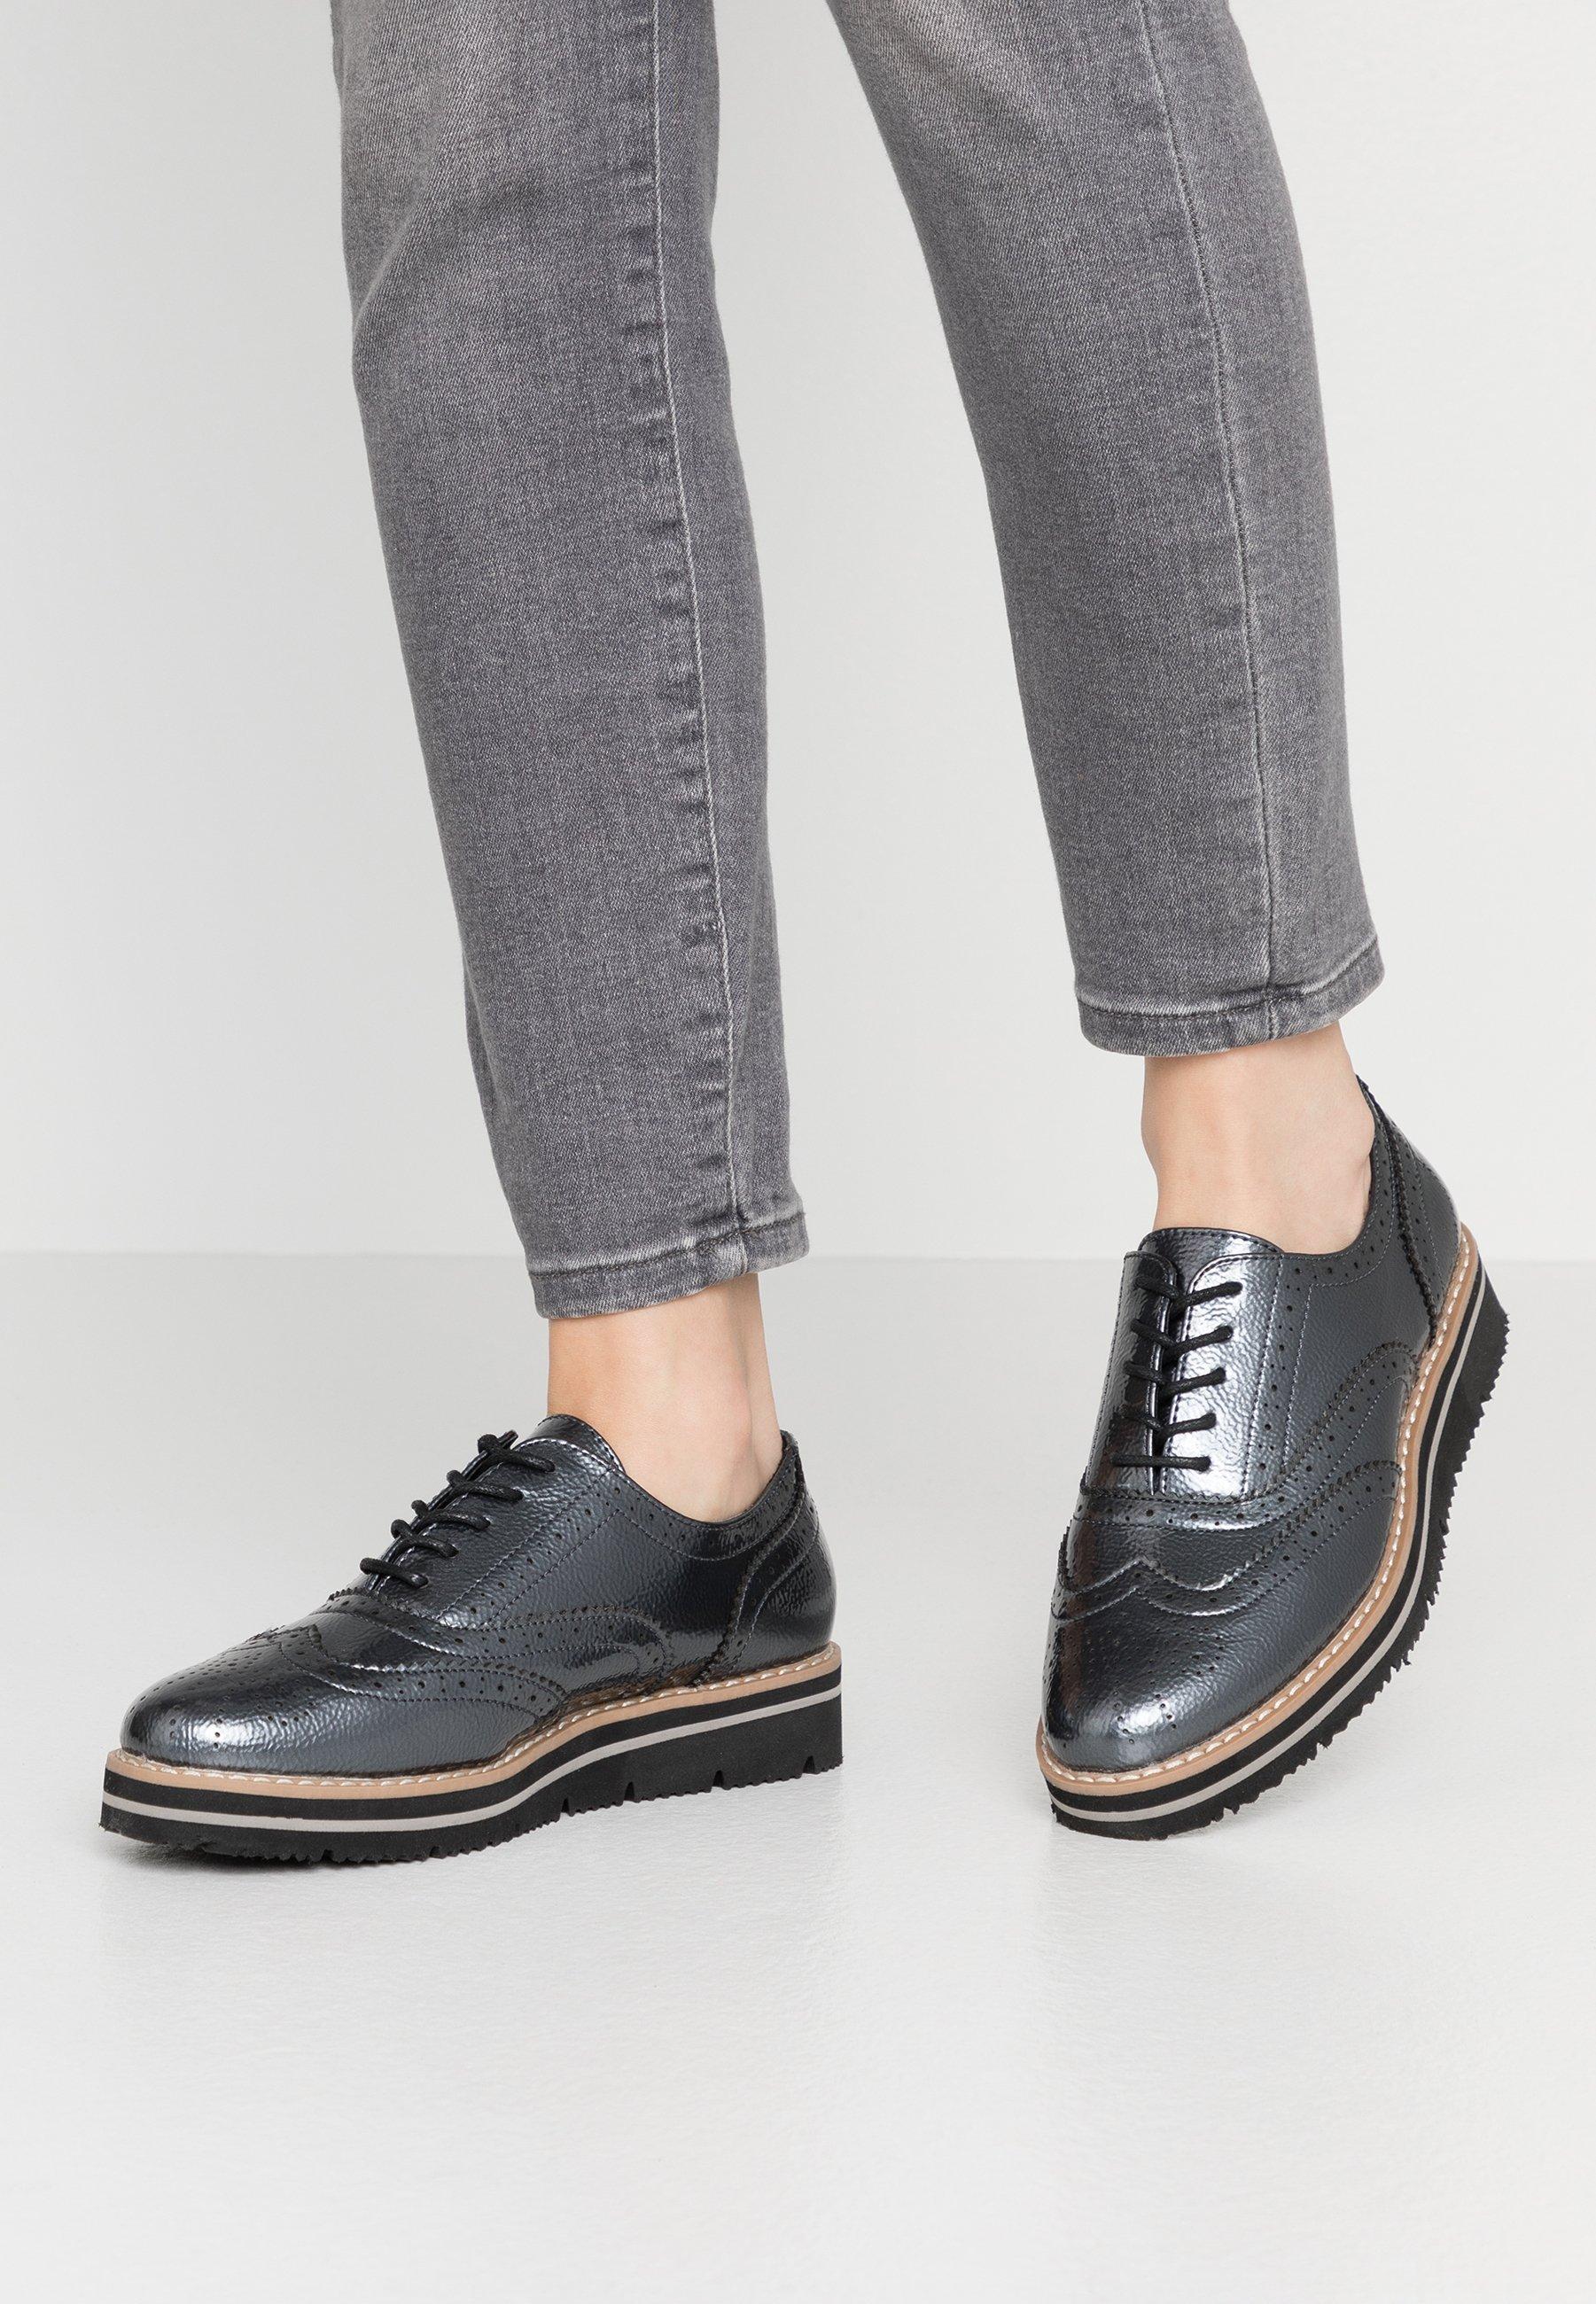 Chaussures | Nouvelle collection sur Zalando